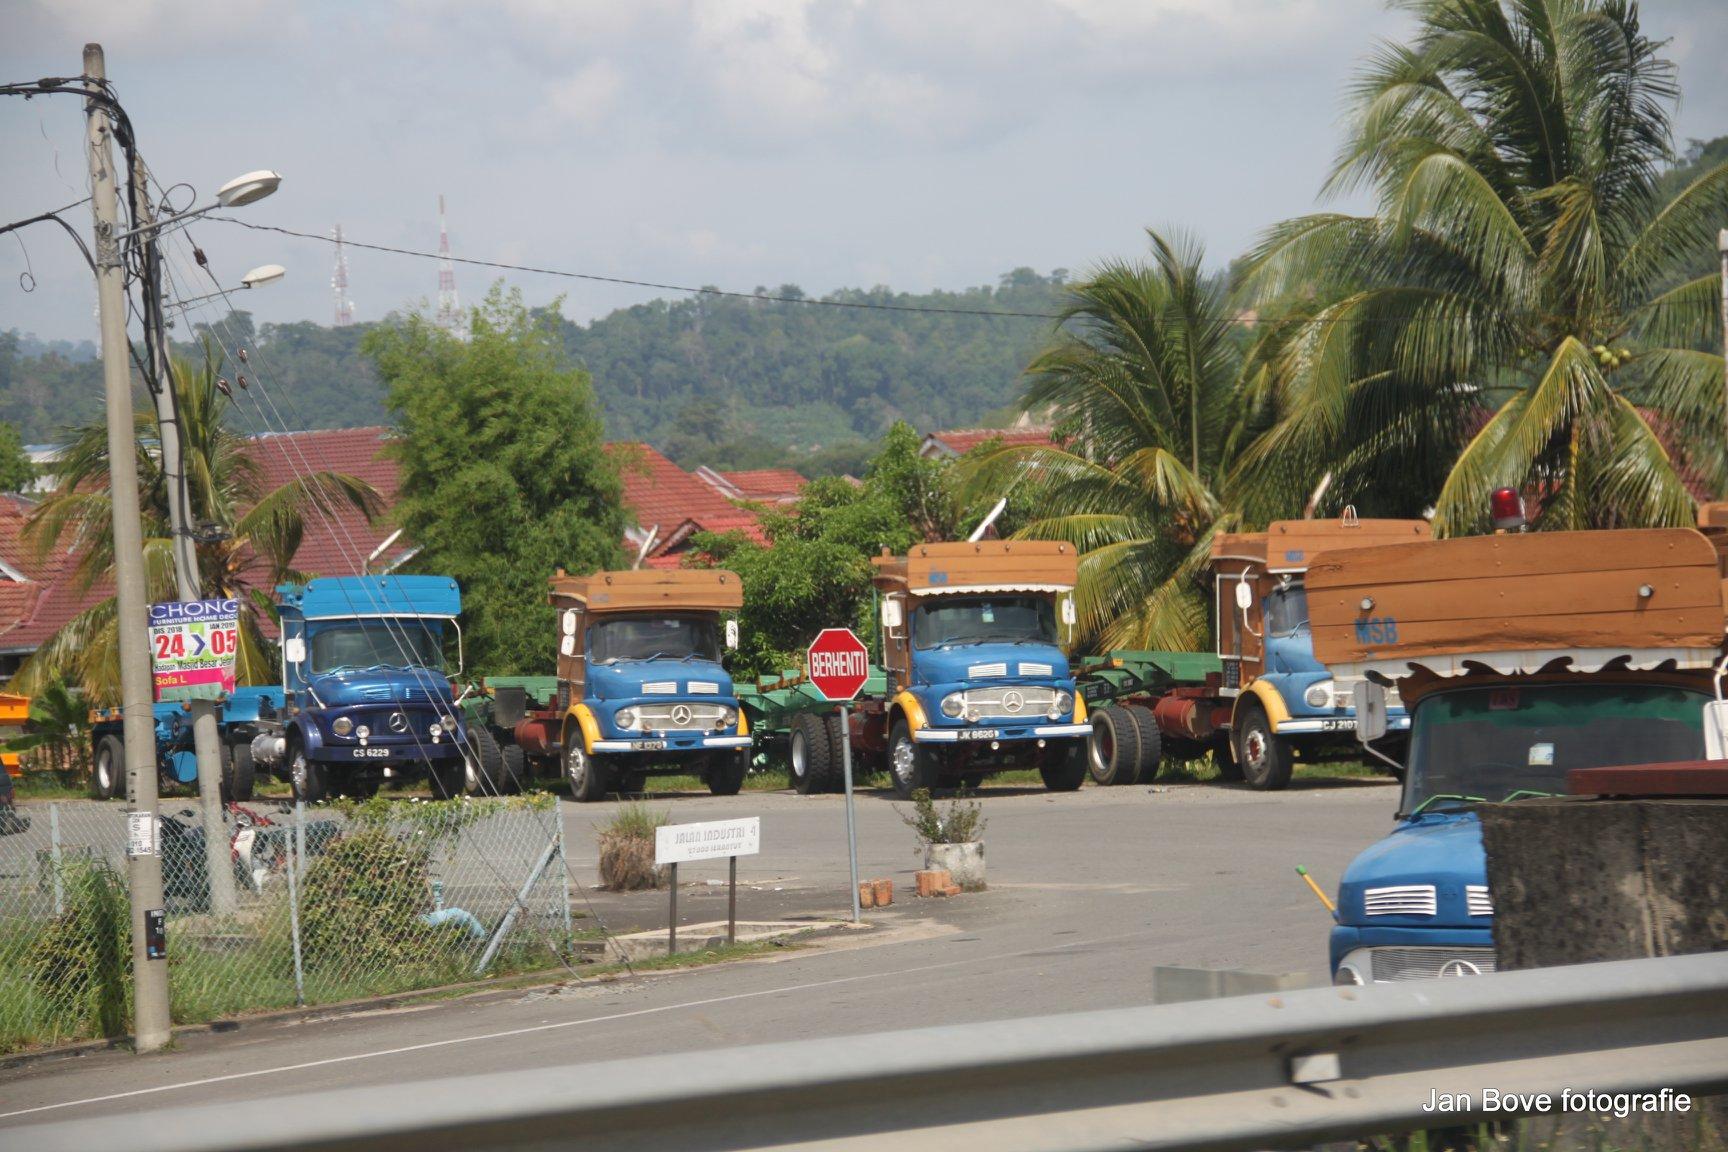 In-Maleisie-worden-dit-shoes-trucks-genoemd-de-neus-van-een-schoen--9-5-2019-.-2